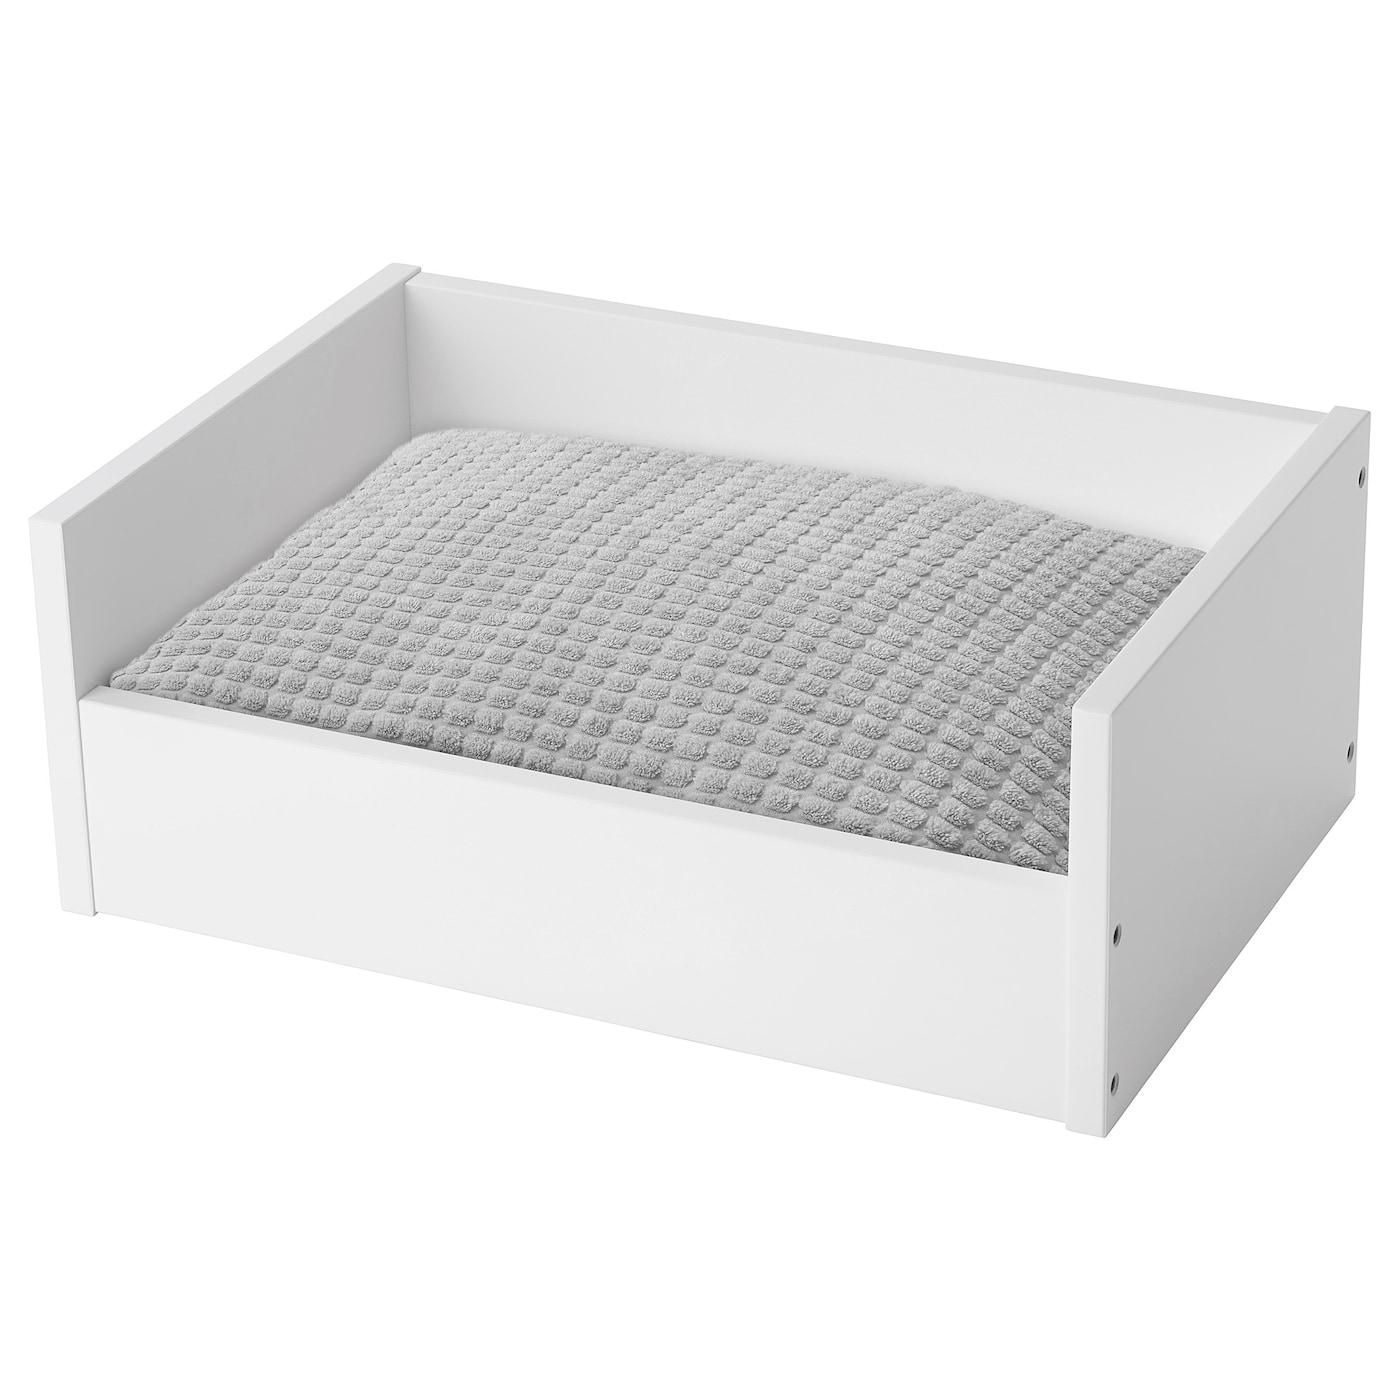 LURVIG ルールヴィグ ペットのベッド クッション付き